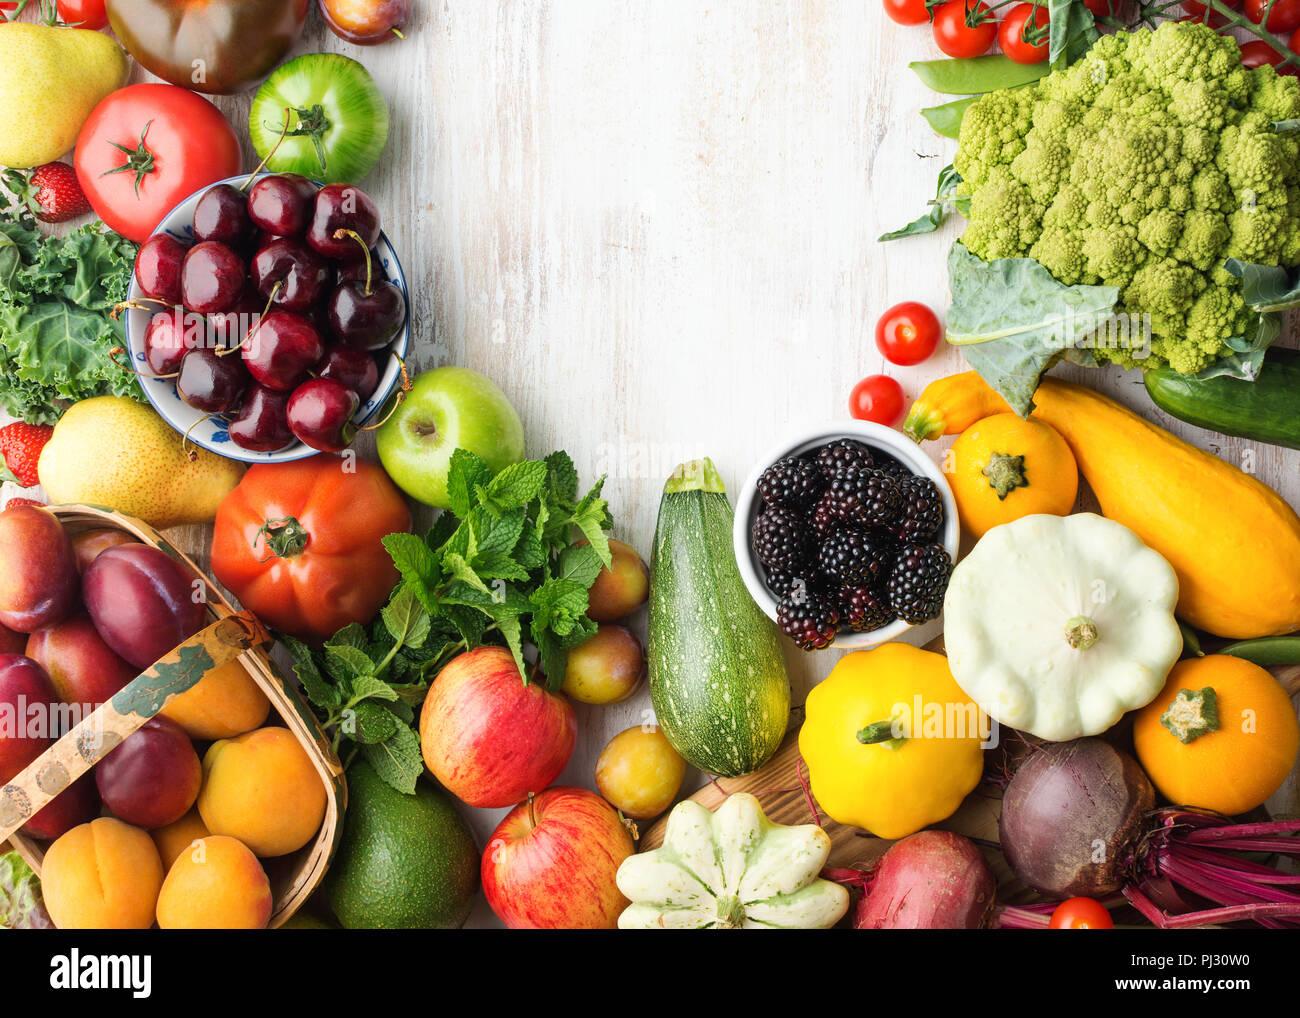 Das gesunde Essen, Sommer Früchte Gemüse Beeren, Kirschen Pfirsiche Pflaumen Bohnen Brokkoli squash Tomaten, rote Rüben, Kopie, Ansicht von oben, selektiver Fokus Stockbild